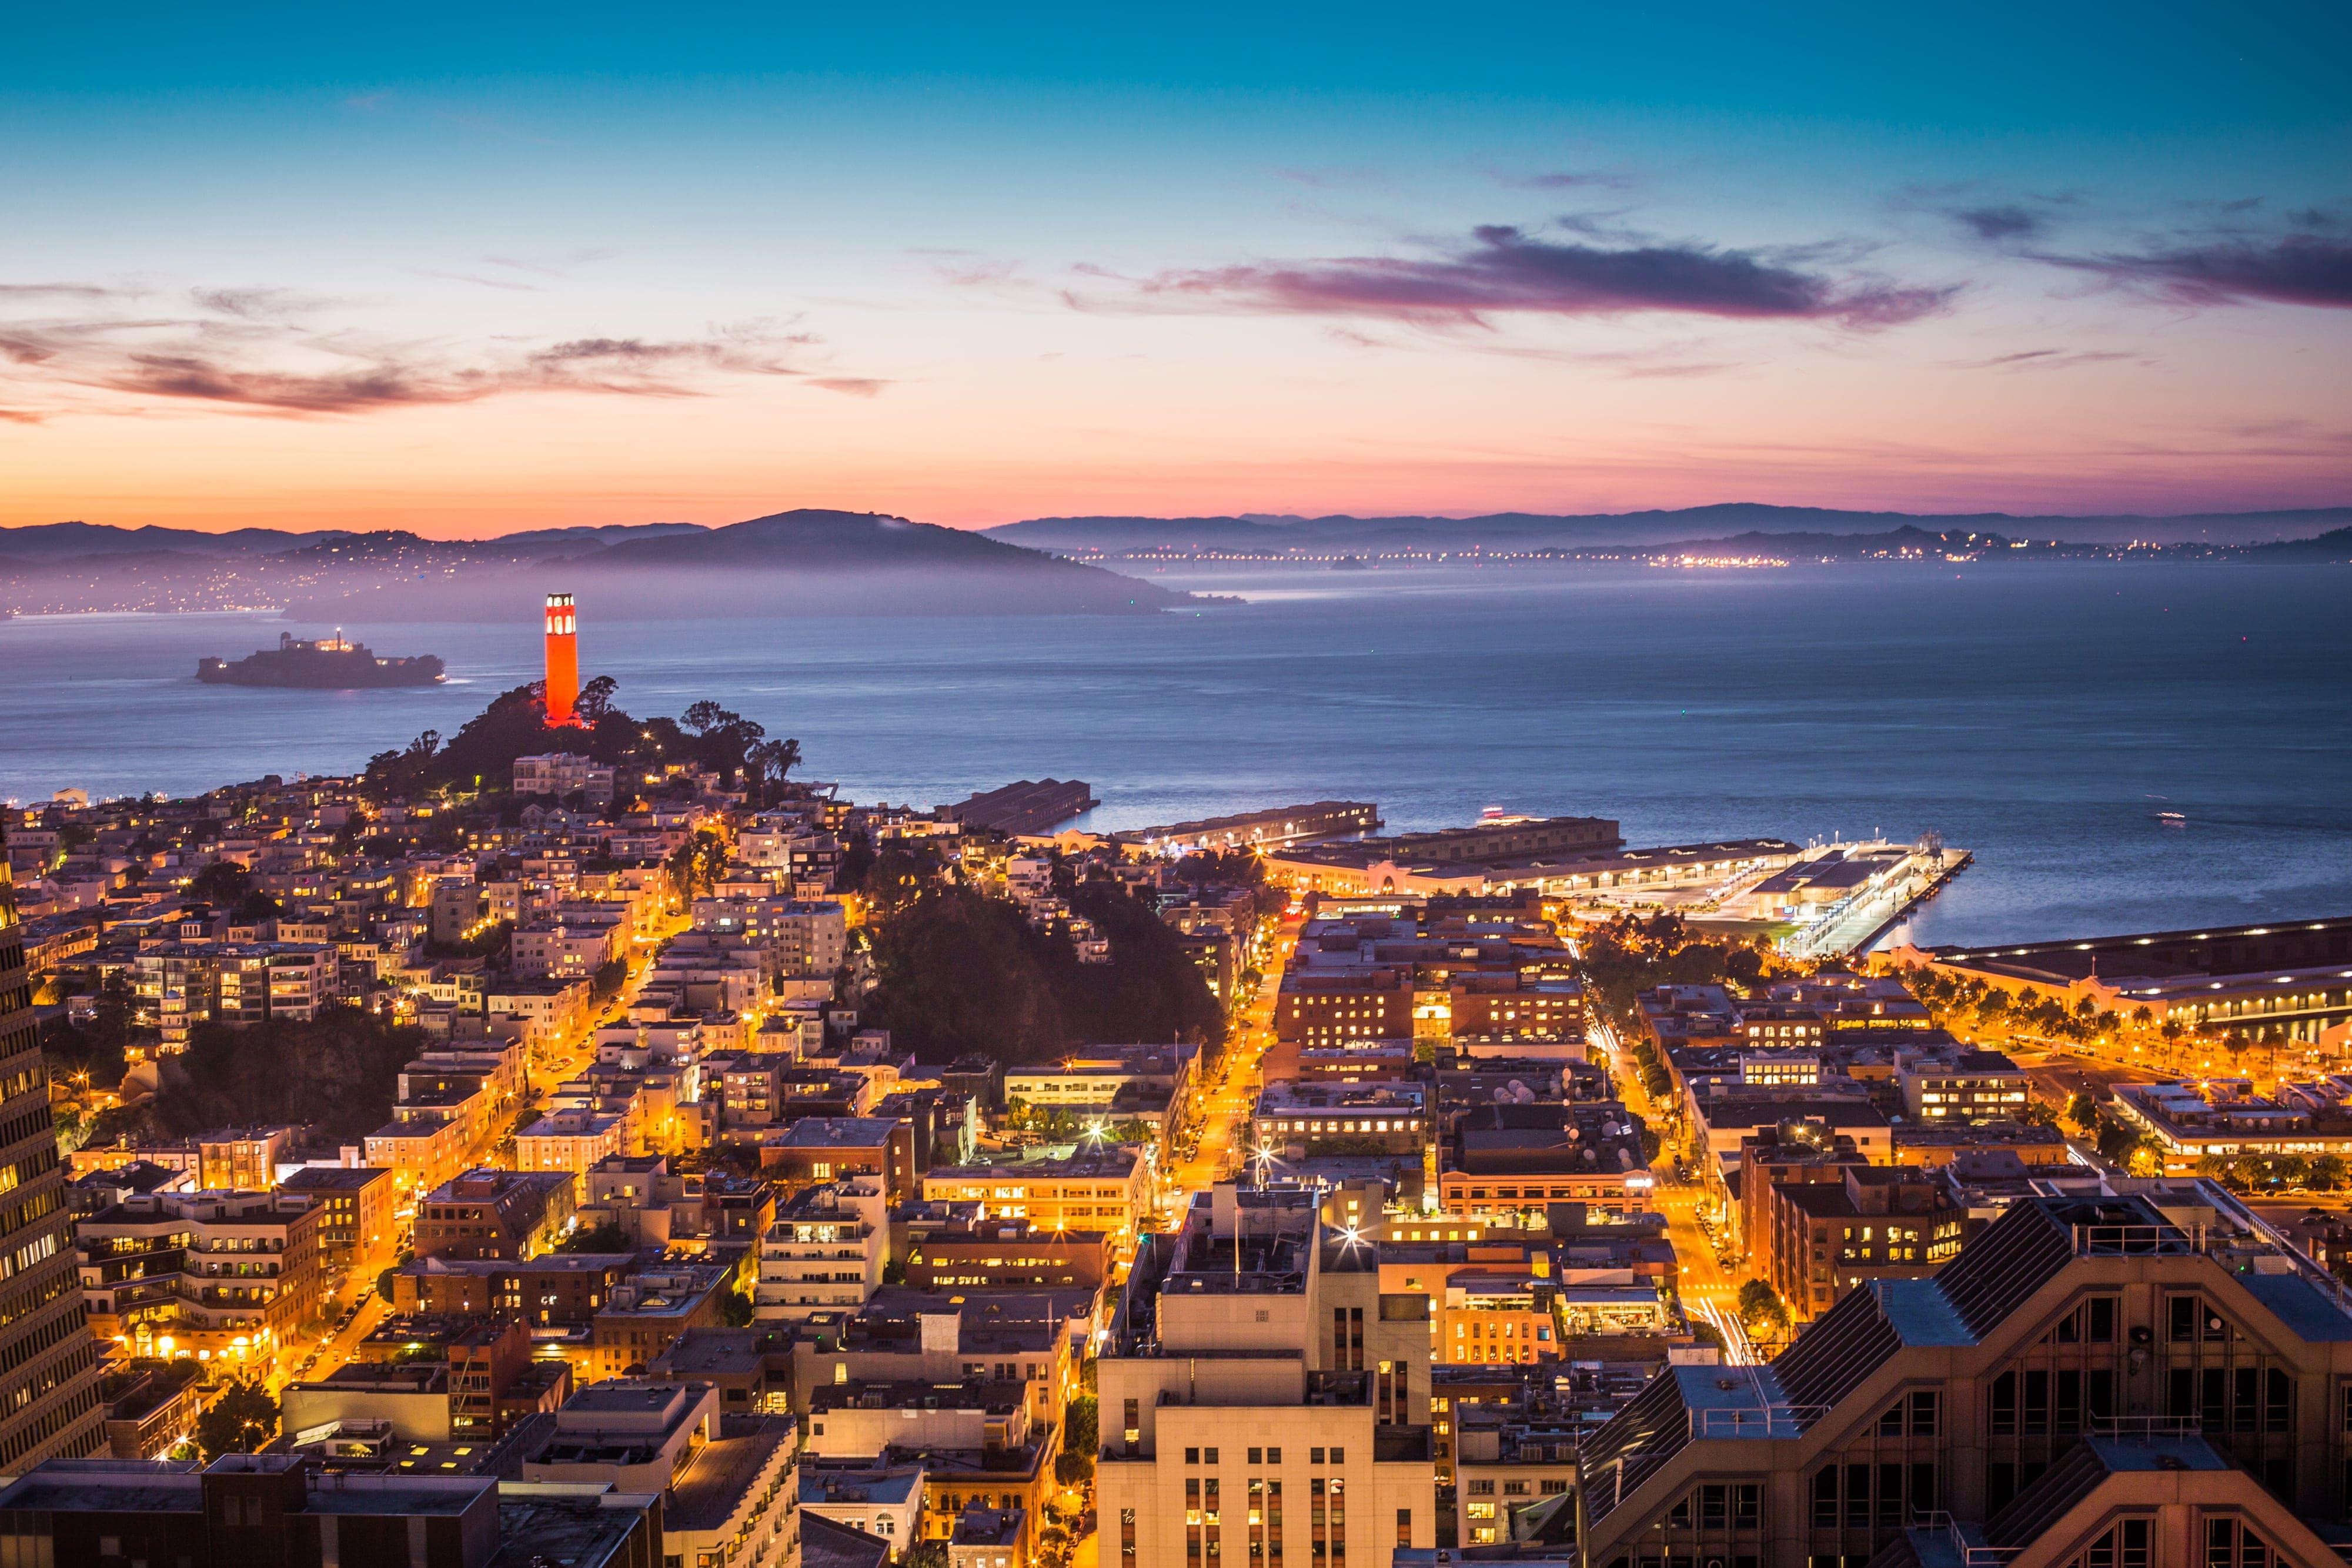 coit-tower-alcatraz-and-part-of-san-francisco-bay-at-night-picjumbo-com-min-min